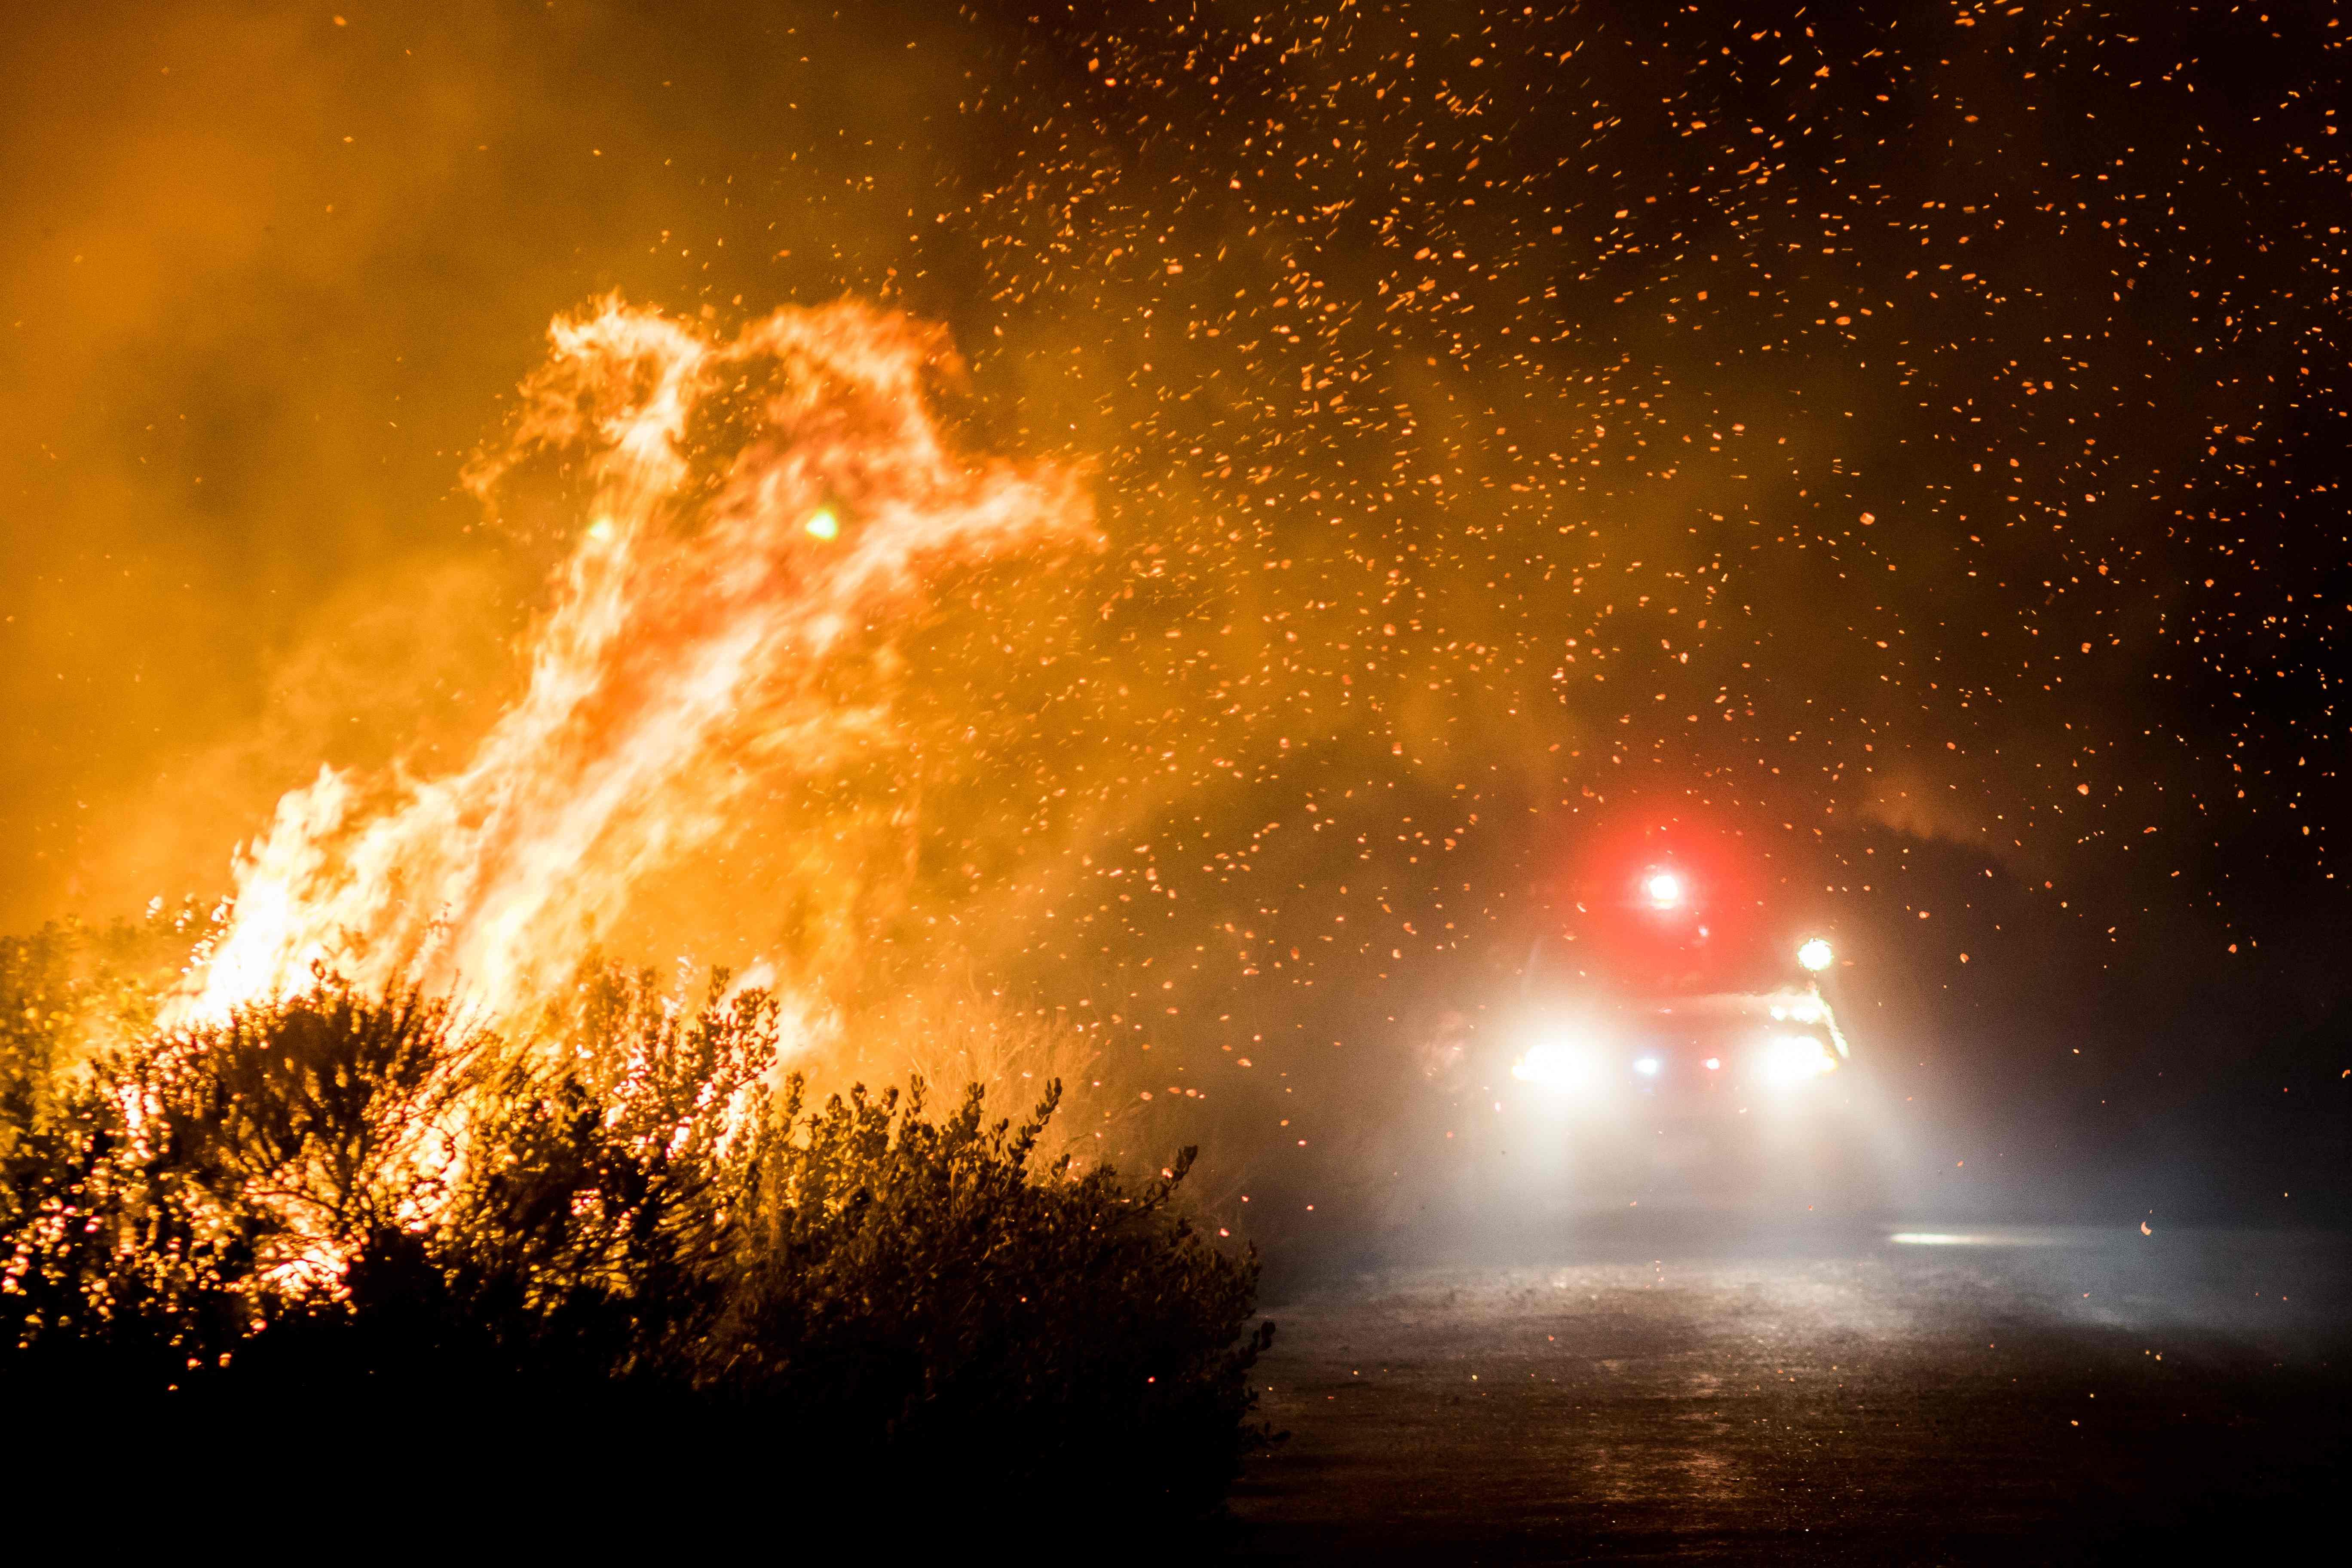 حرائق في الأشجار